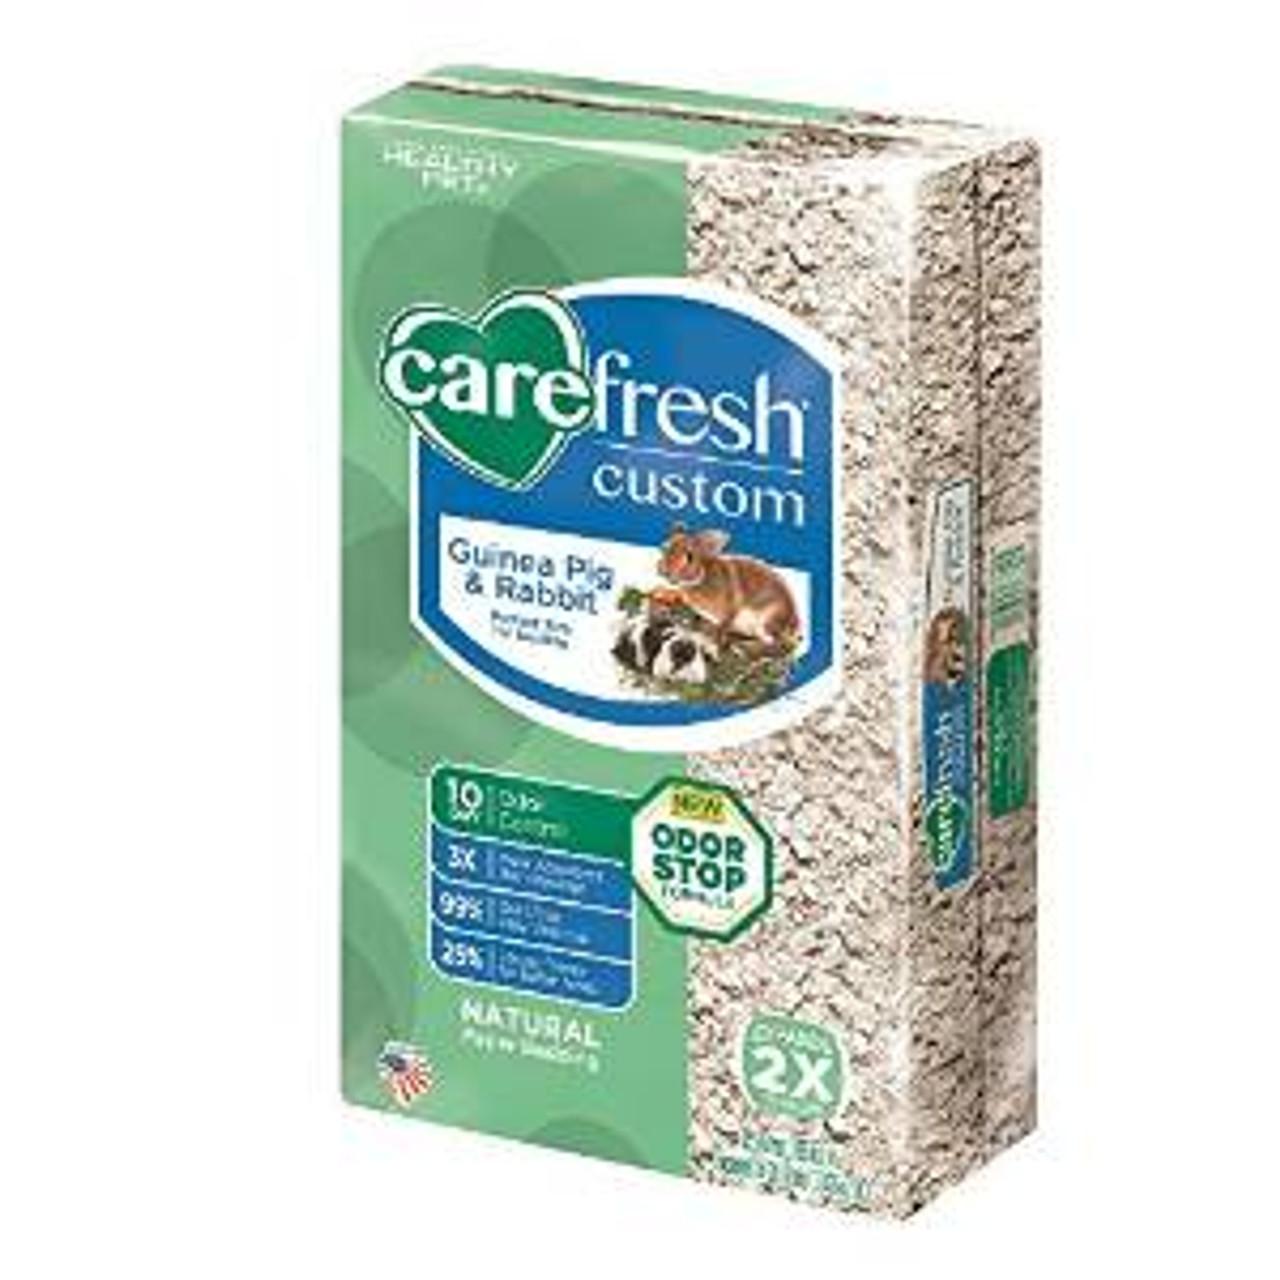 30 L carefresh Complete Pet Bedding Natural